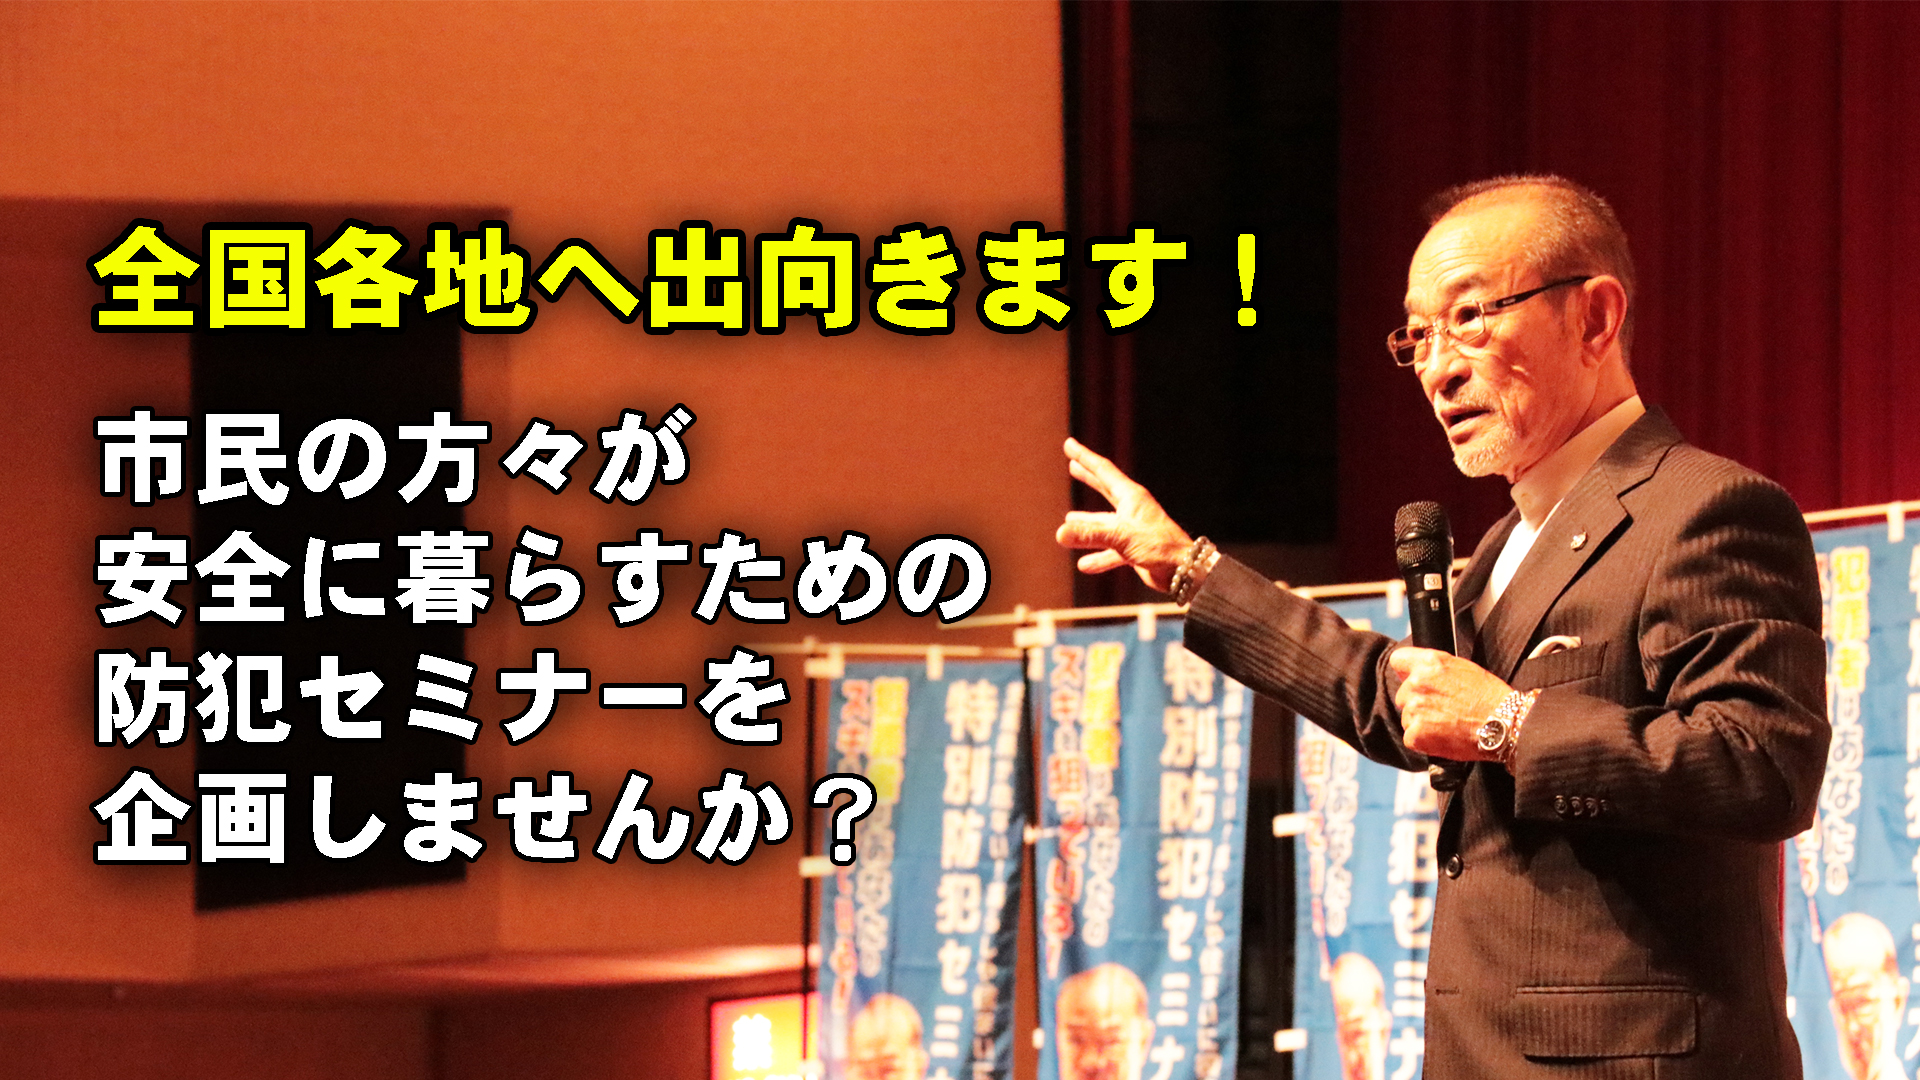 一般社団法人日本防犯学校、梅本正行、桜井礼子、防犯対策、防犯、予知防犯、セミナー、講演会